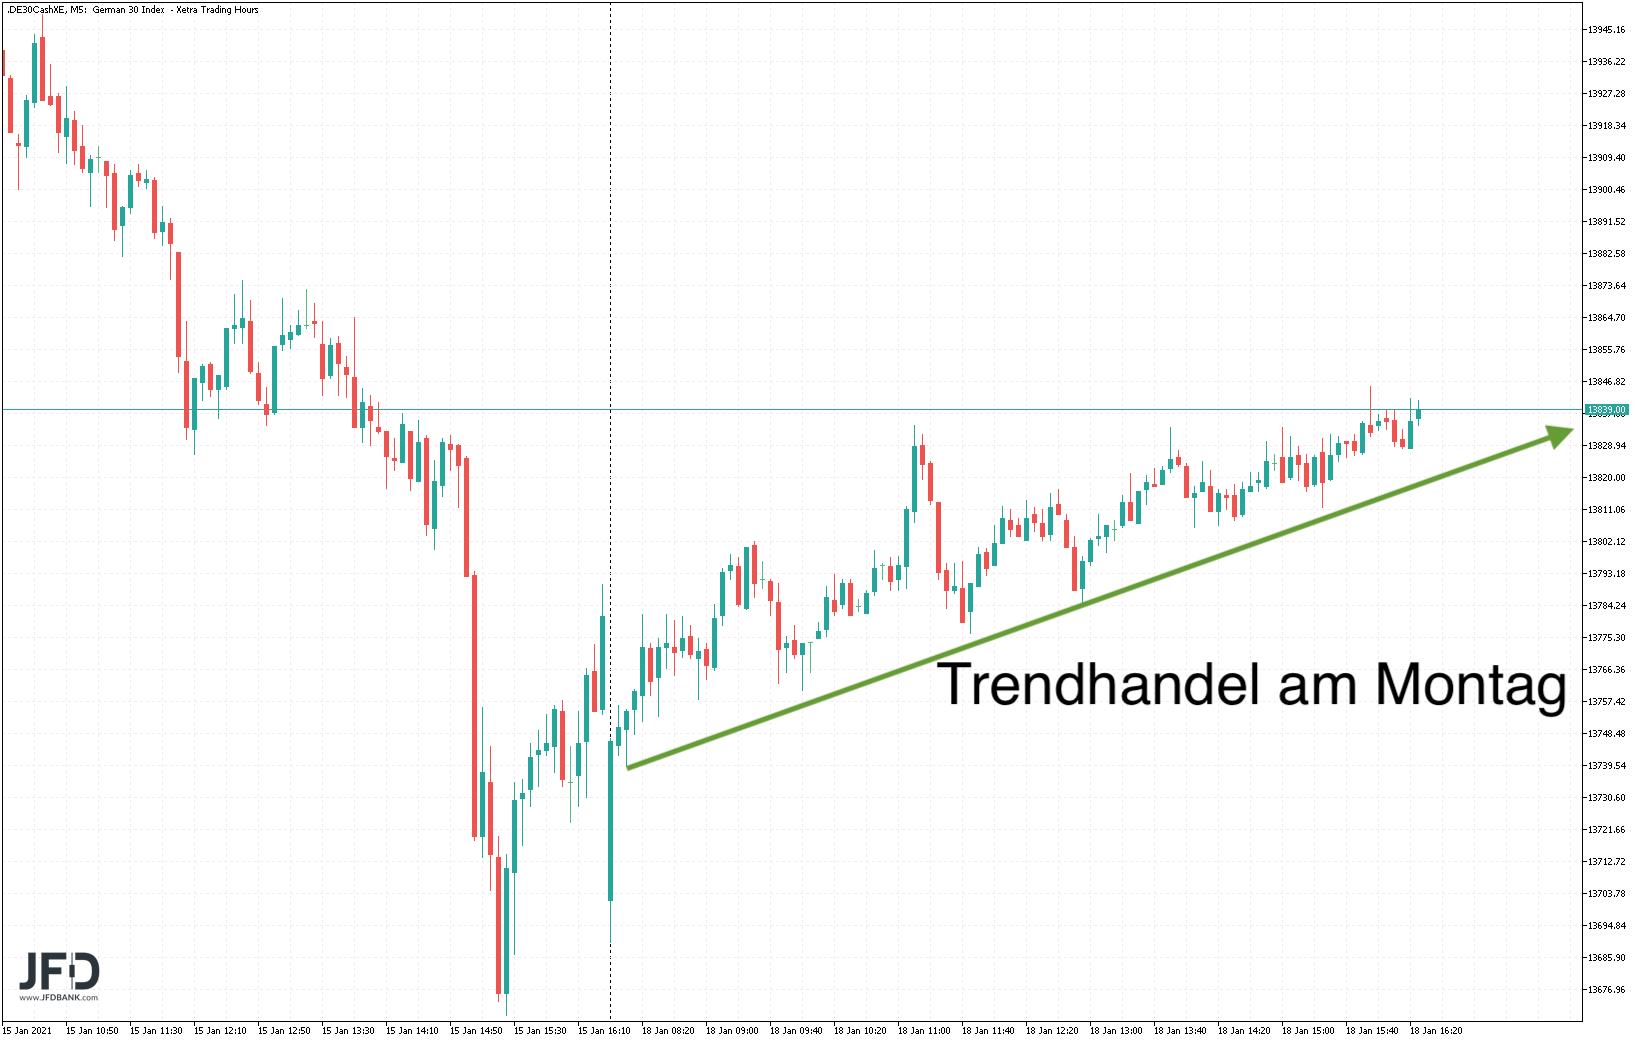 Blickt-der-DAX-heute-wieder-auf-die-14-000-Kommentar-JFD-Bank-GodmodeTrader.de-1